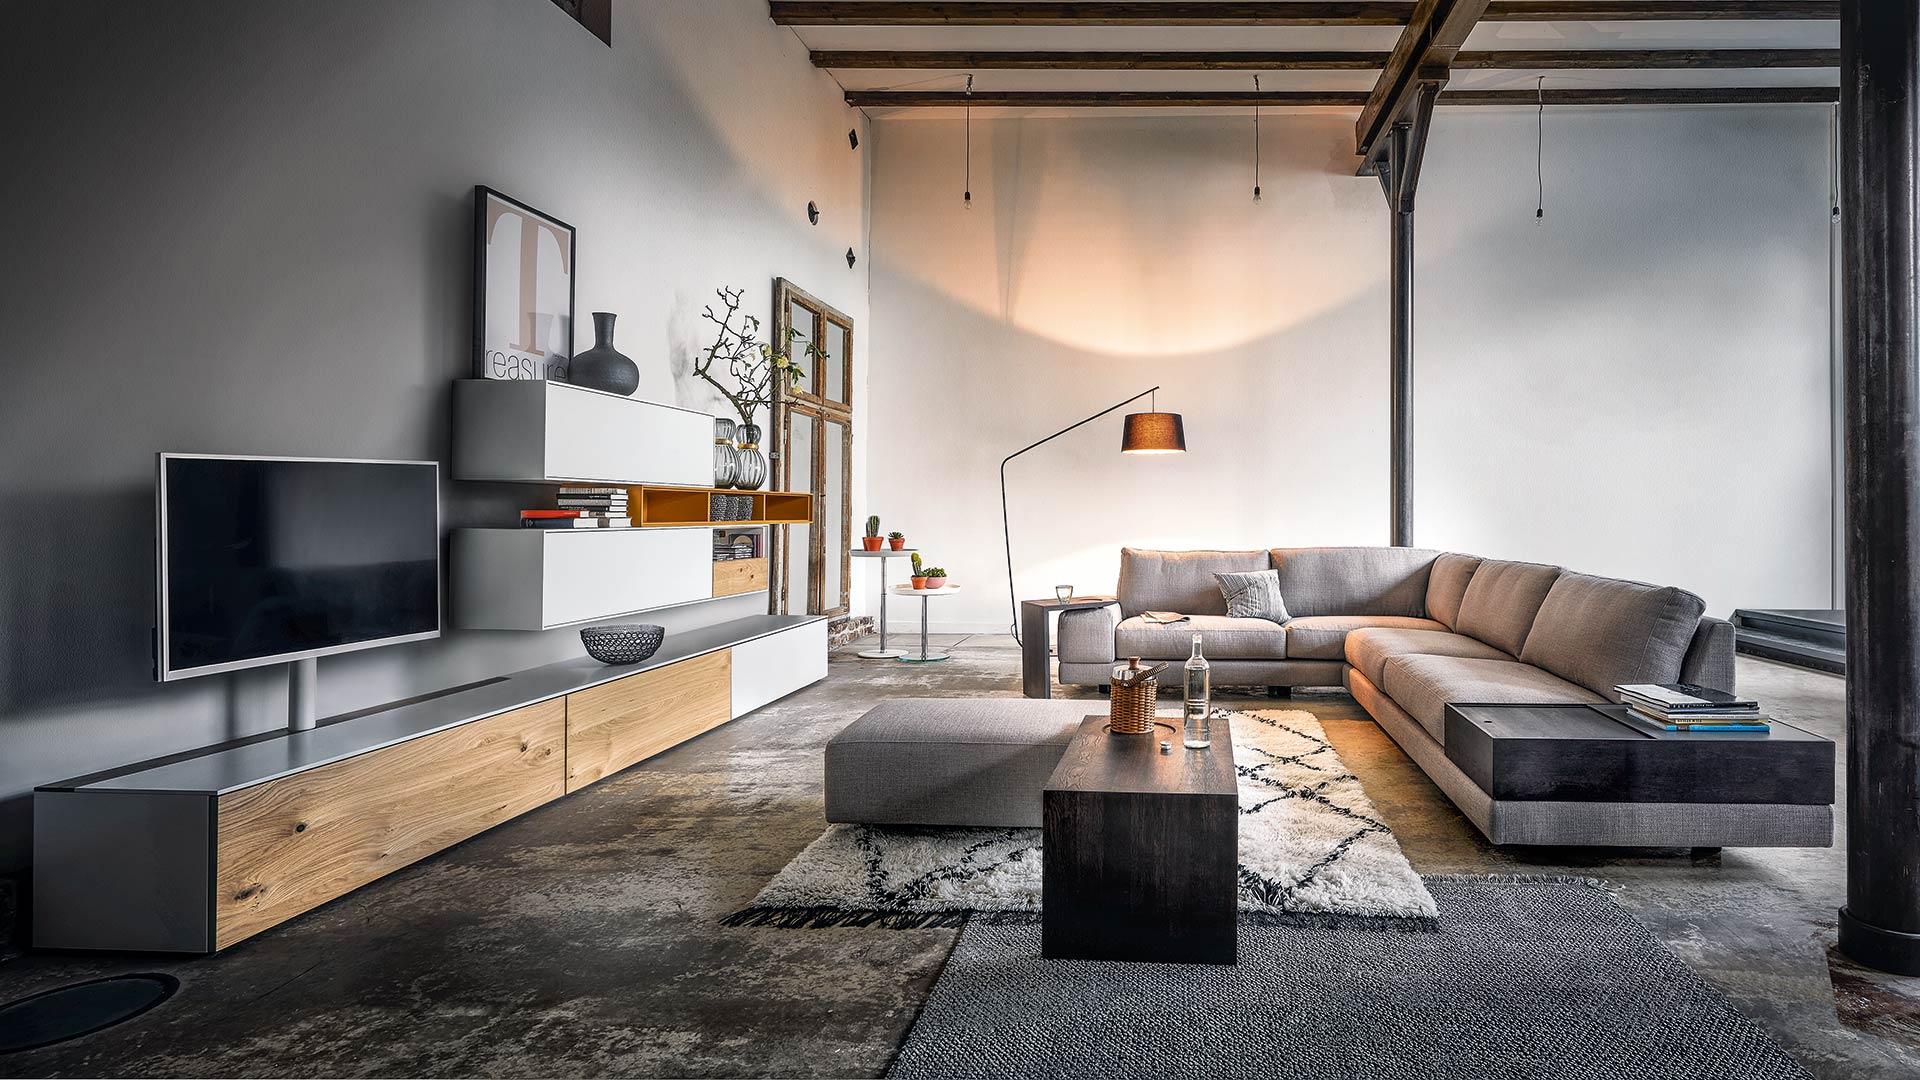 design möbel küchen in mallersdorf möbel klingl landshut